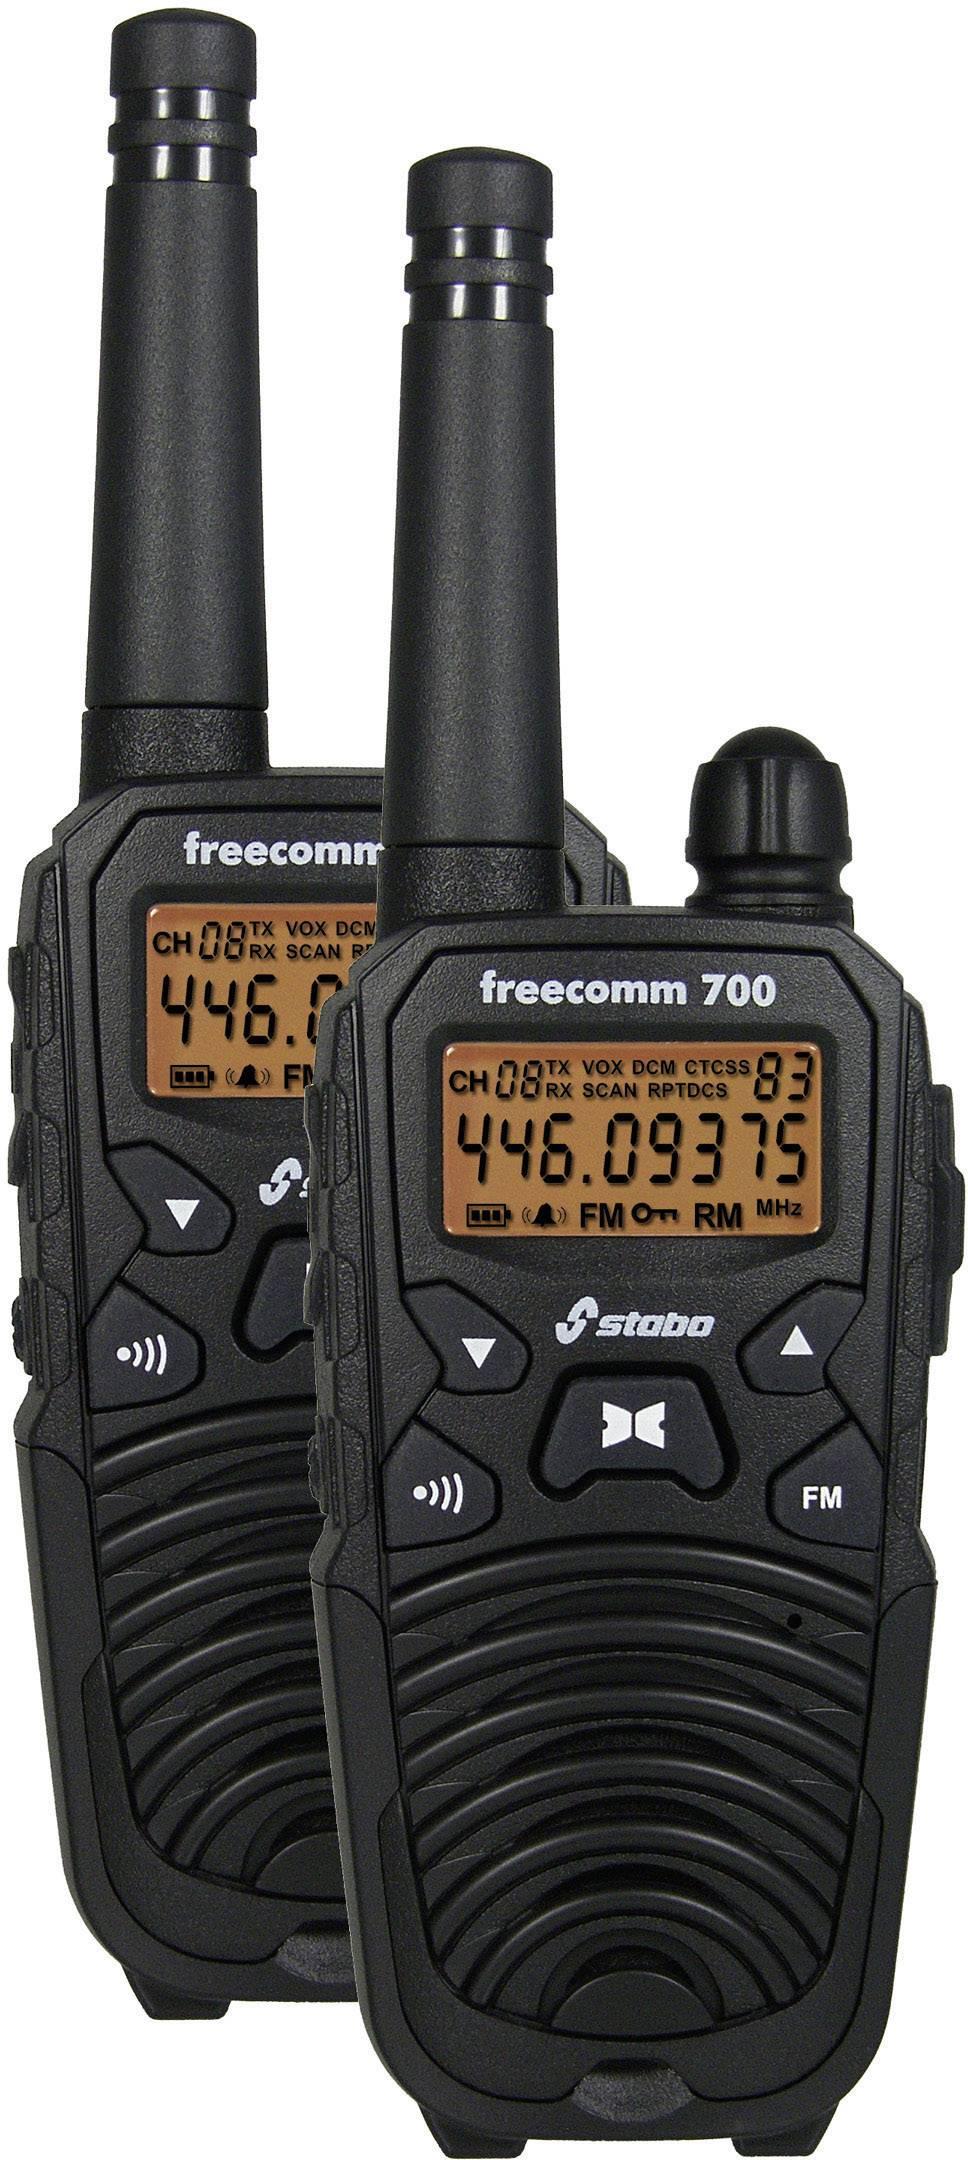 PMR rádiostanica Stabo freecomm 700 20700, 2 ks